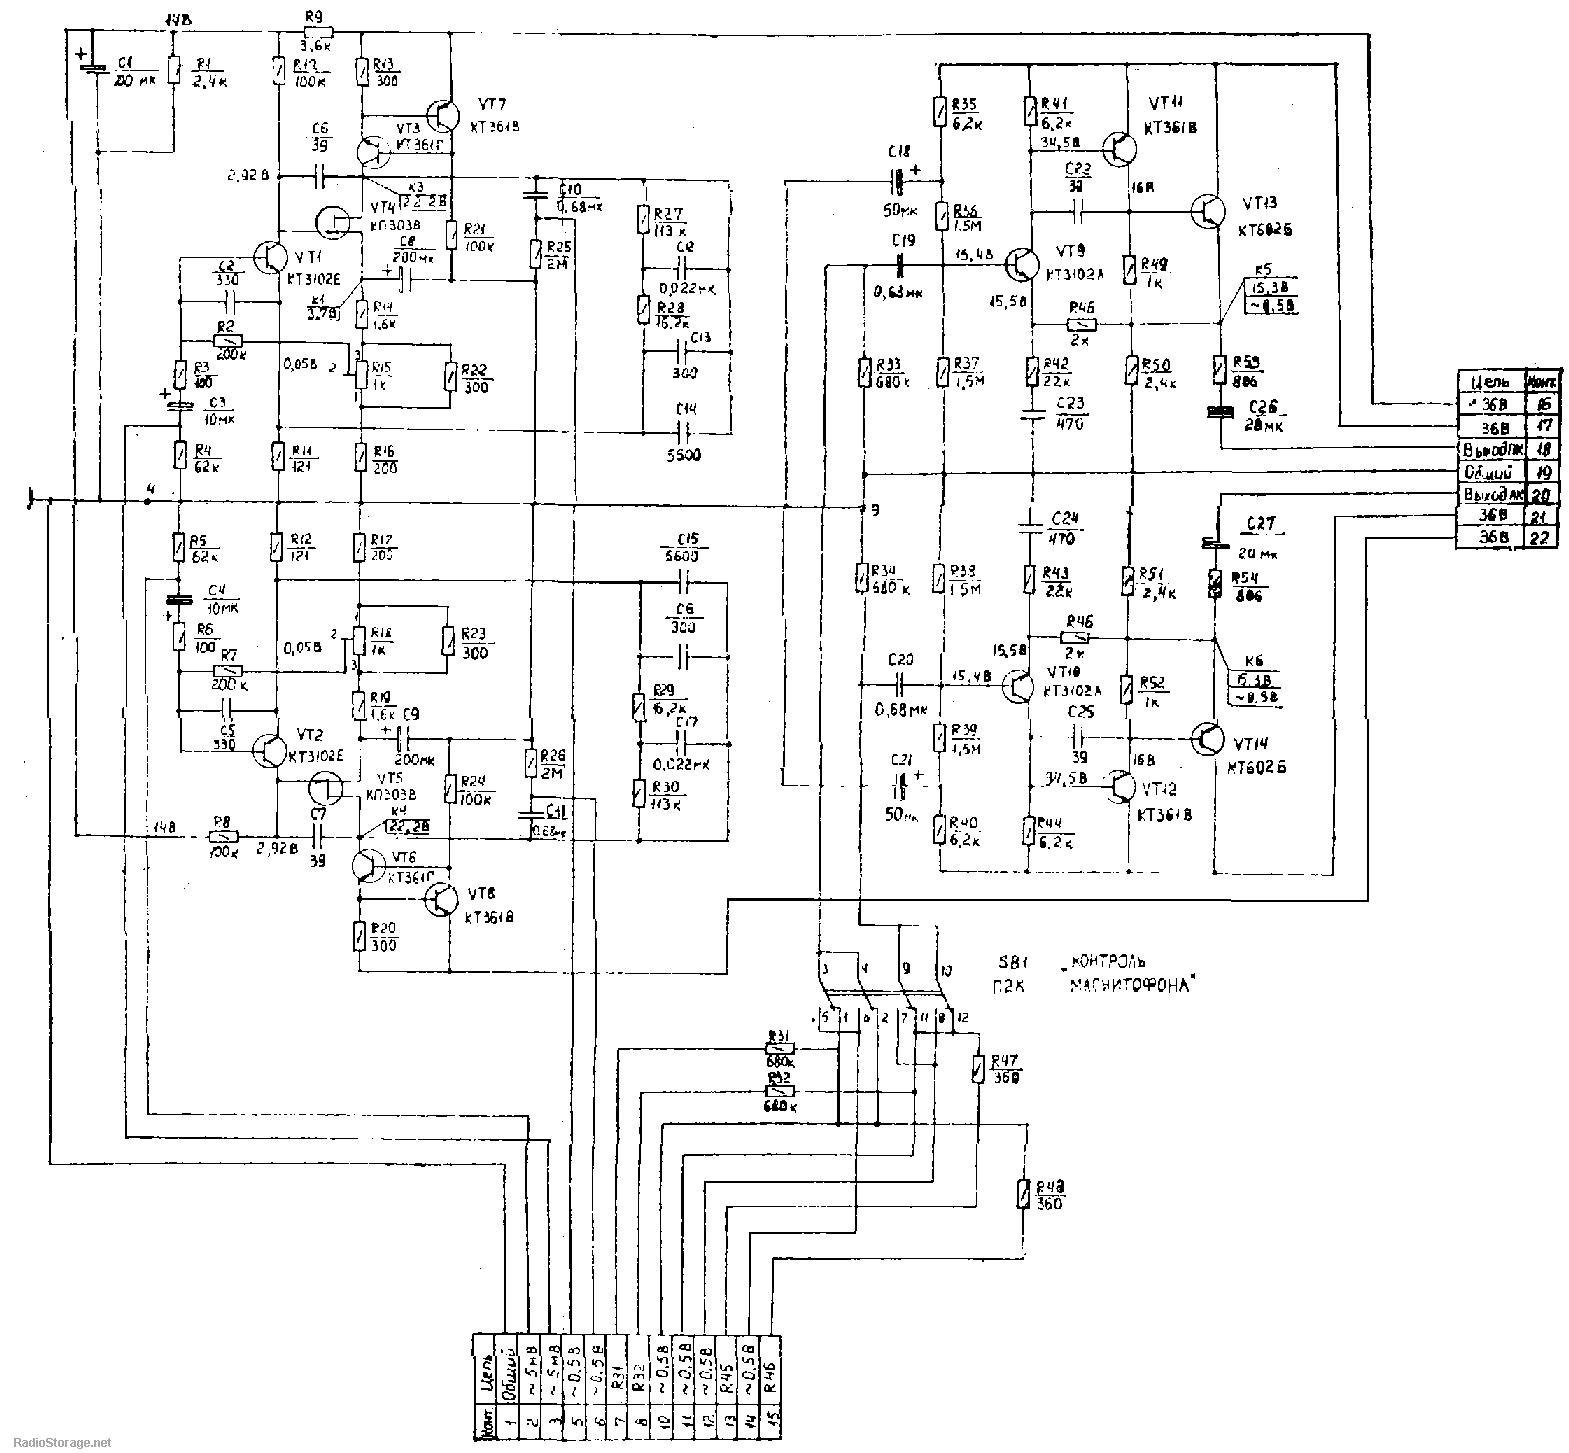 Схема бриг у-001 стерео hi-fi